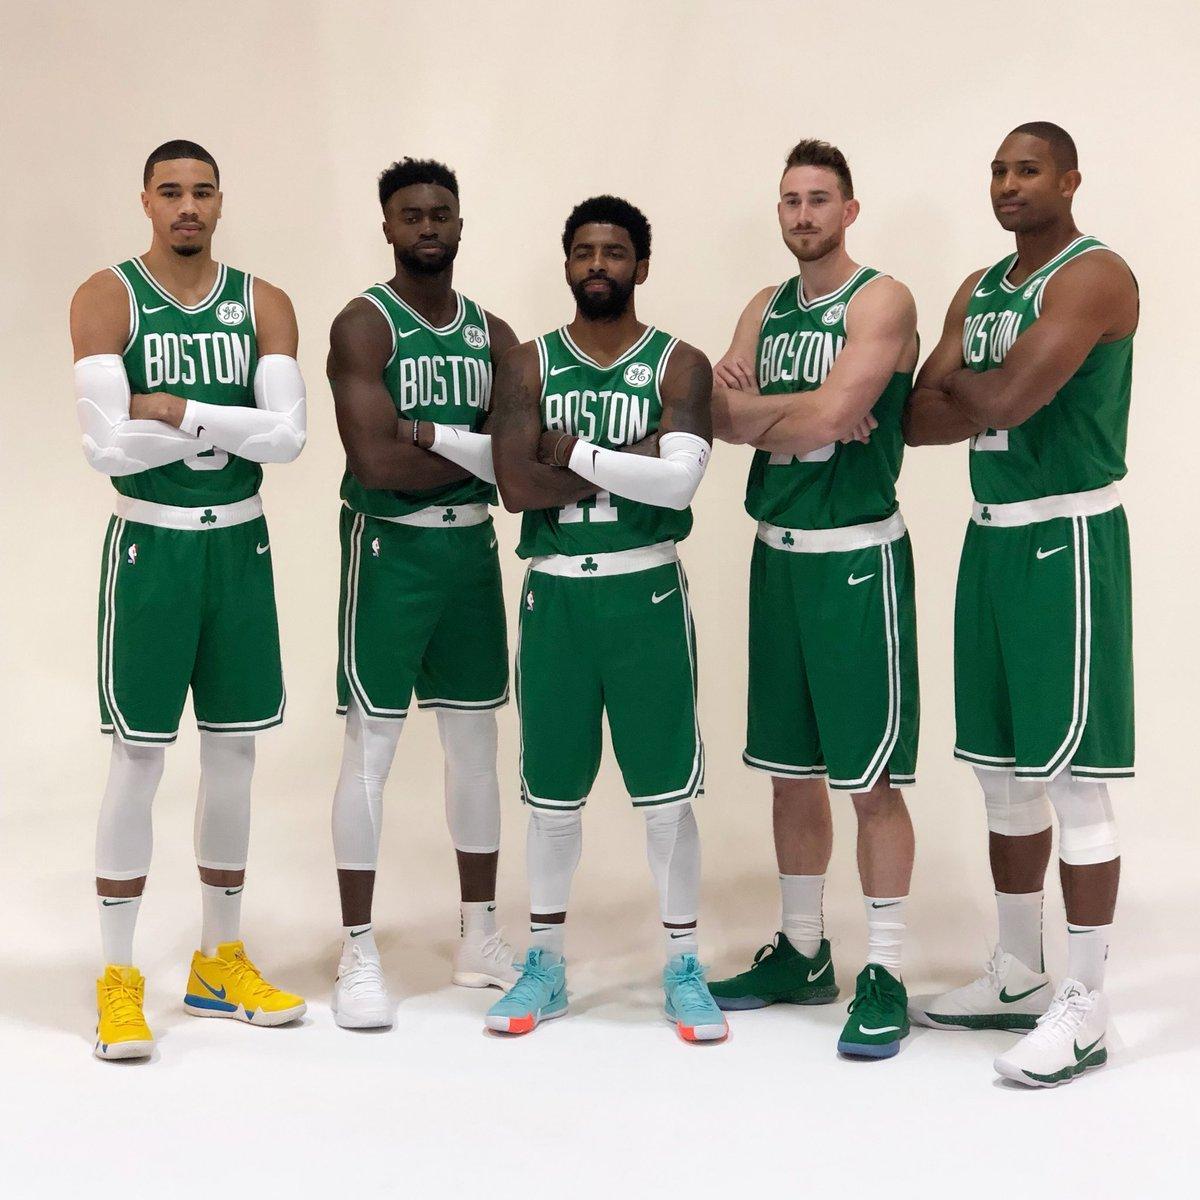 The Celtics at full strength ☘️  (via @NBA) https://t.co/qQ0m915aEu